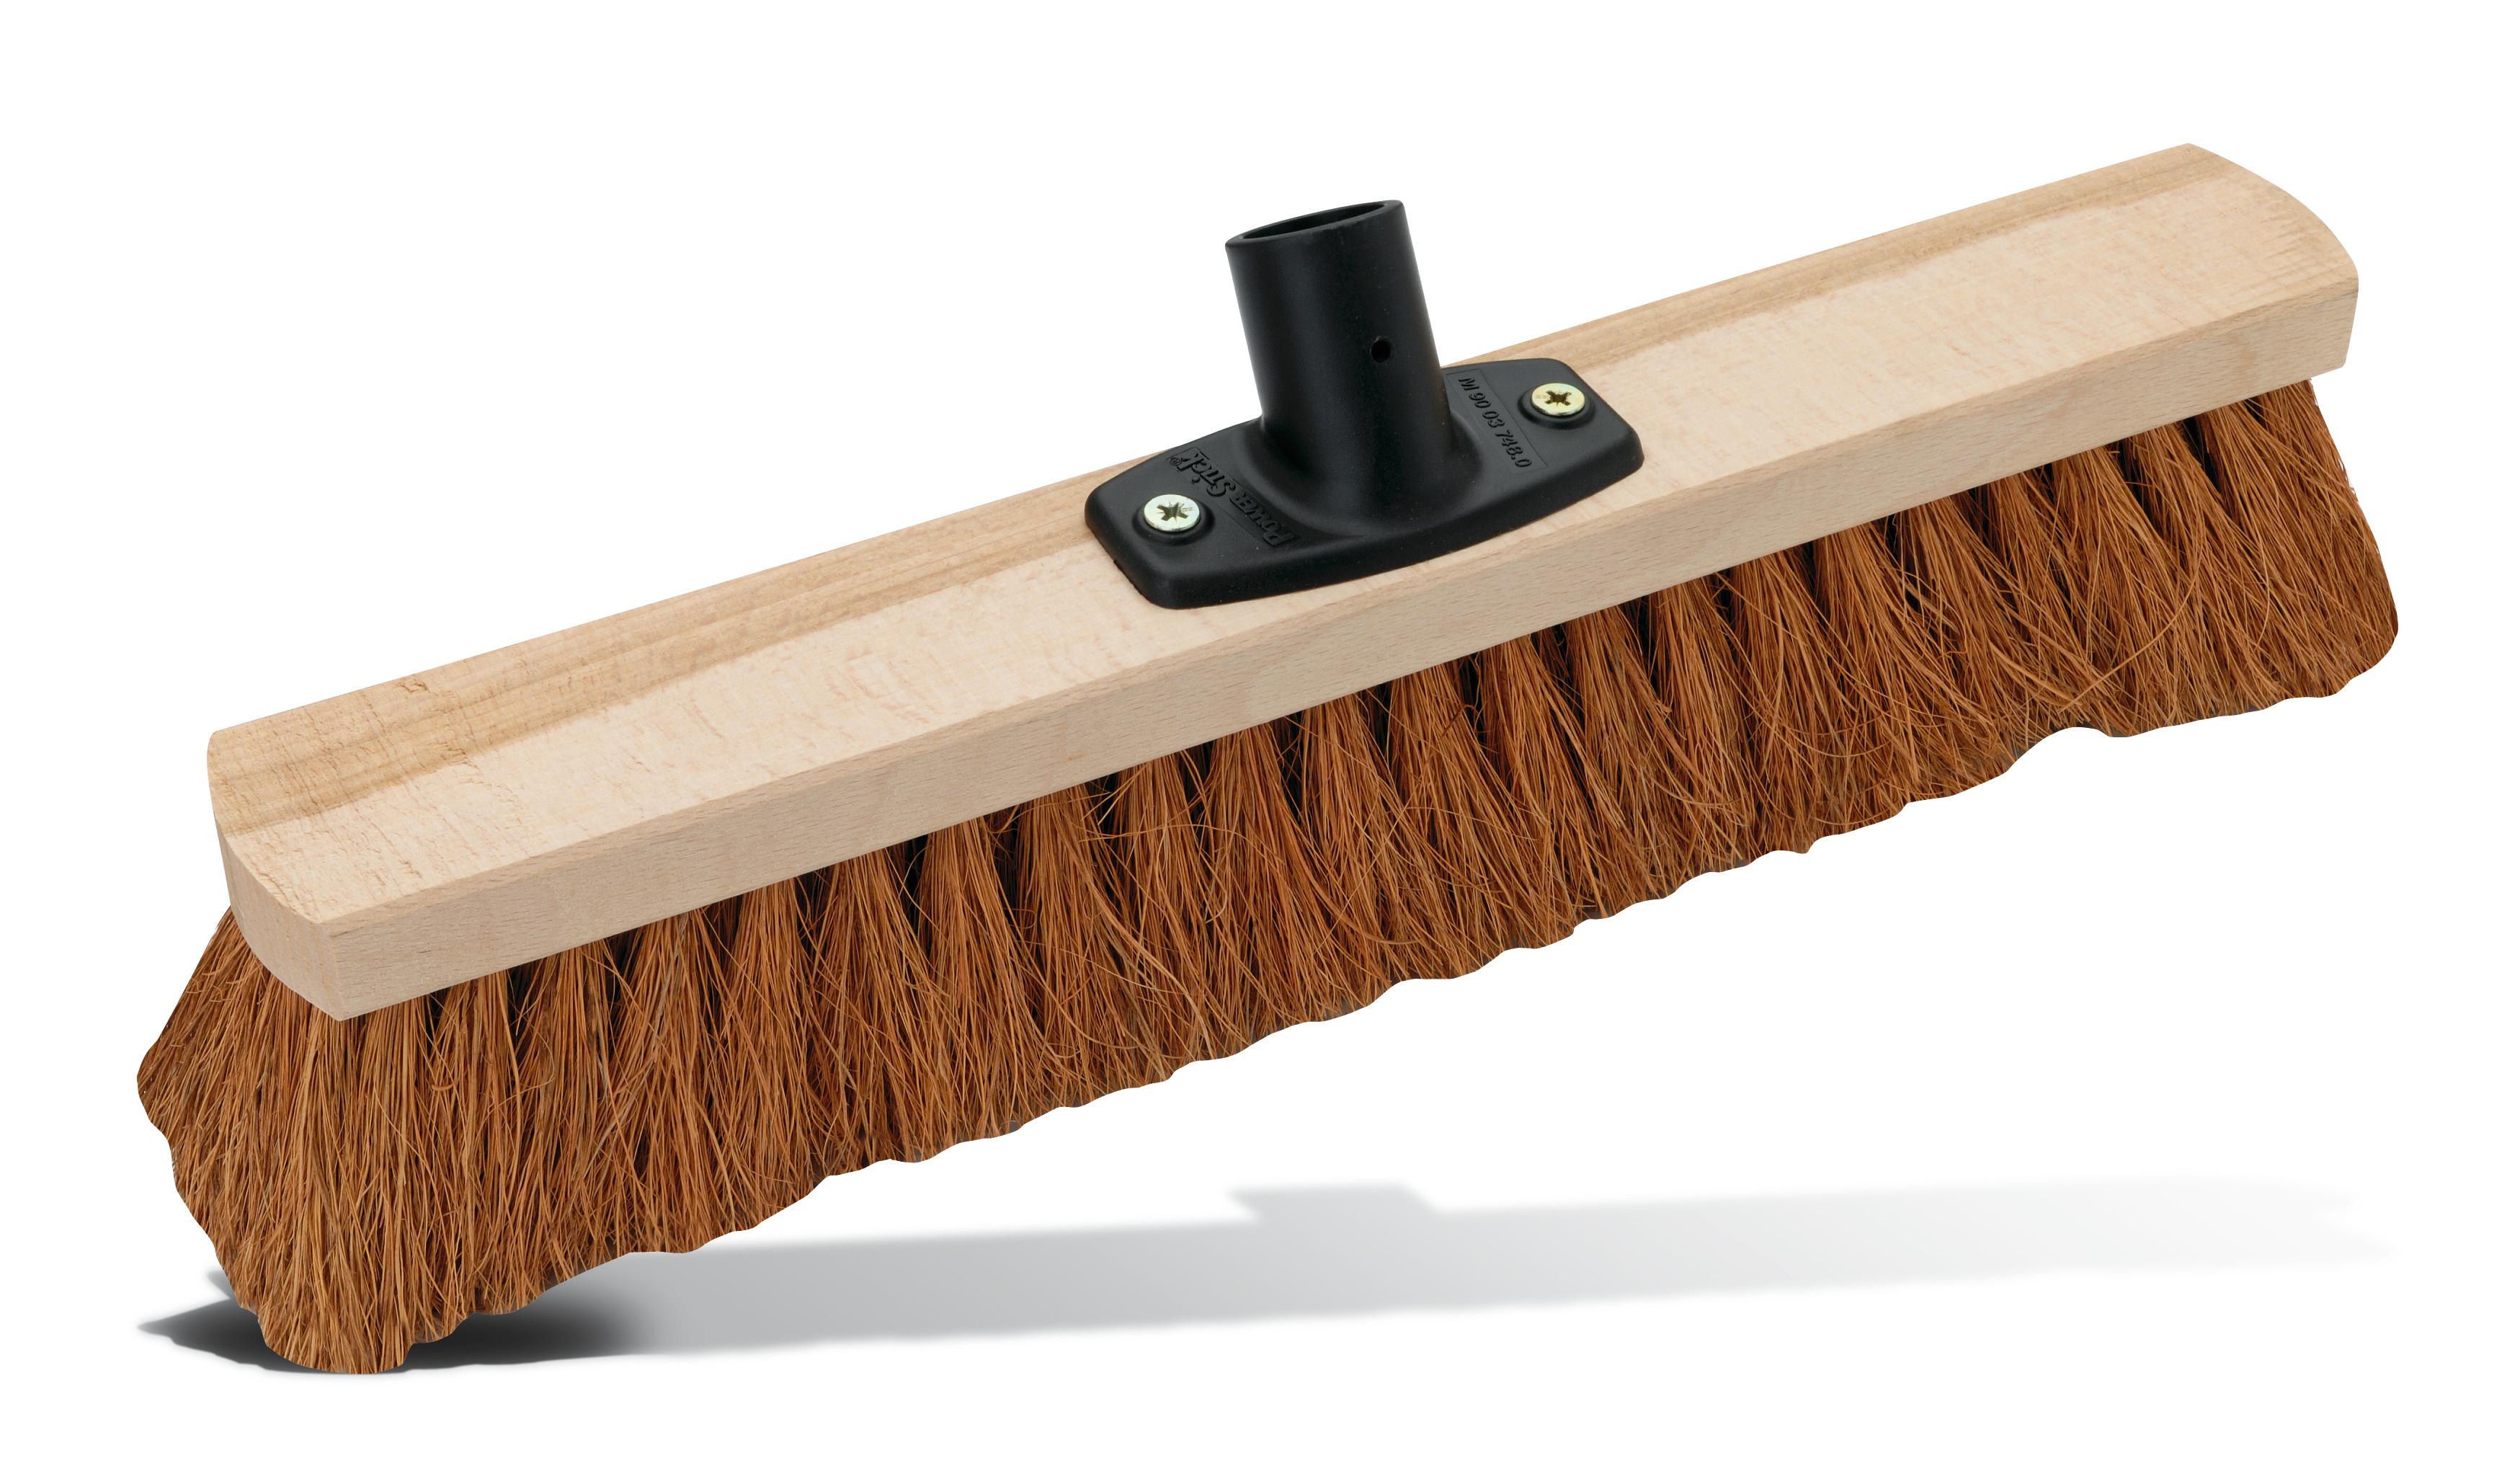 Industrial fl oor broom Pajarito